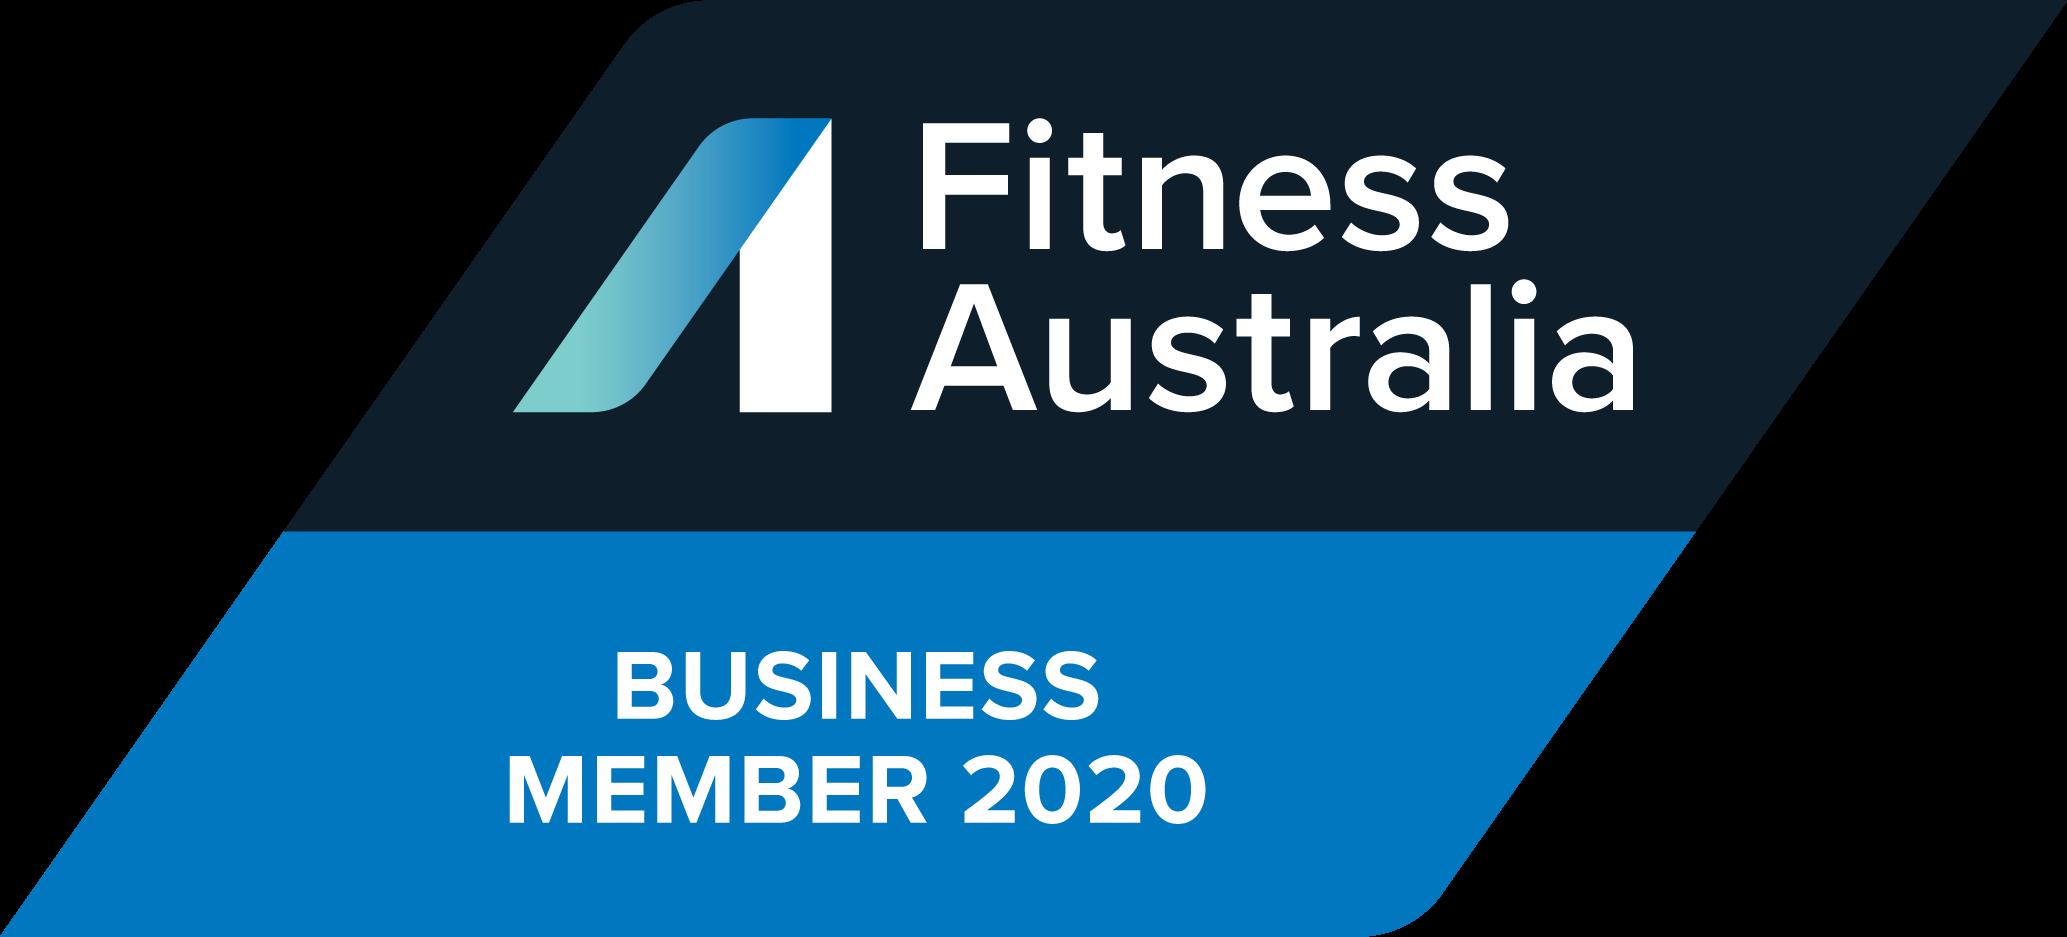 Fitness Australia Business Member